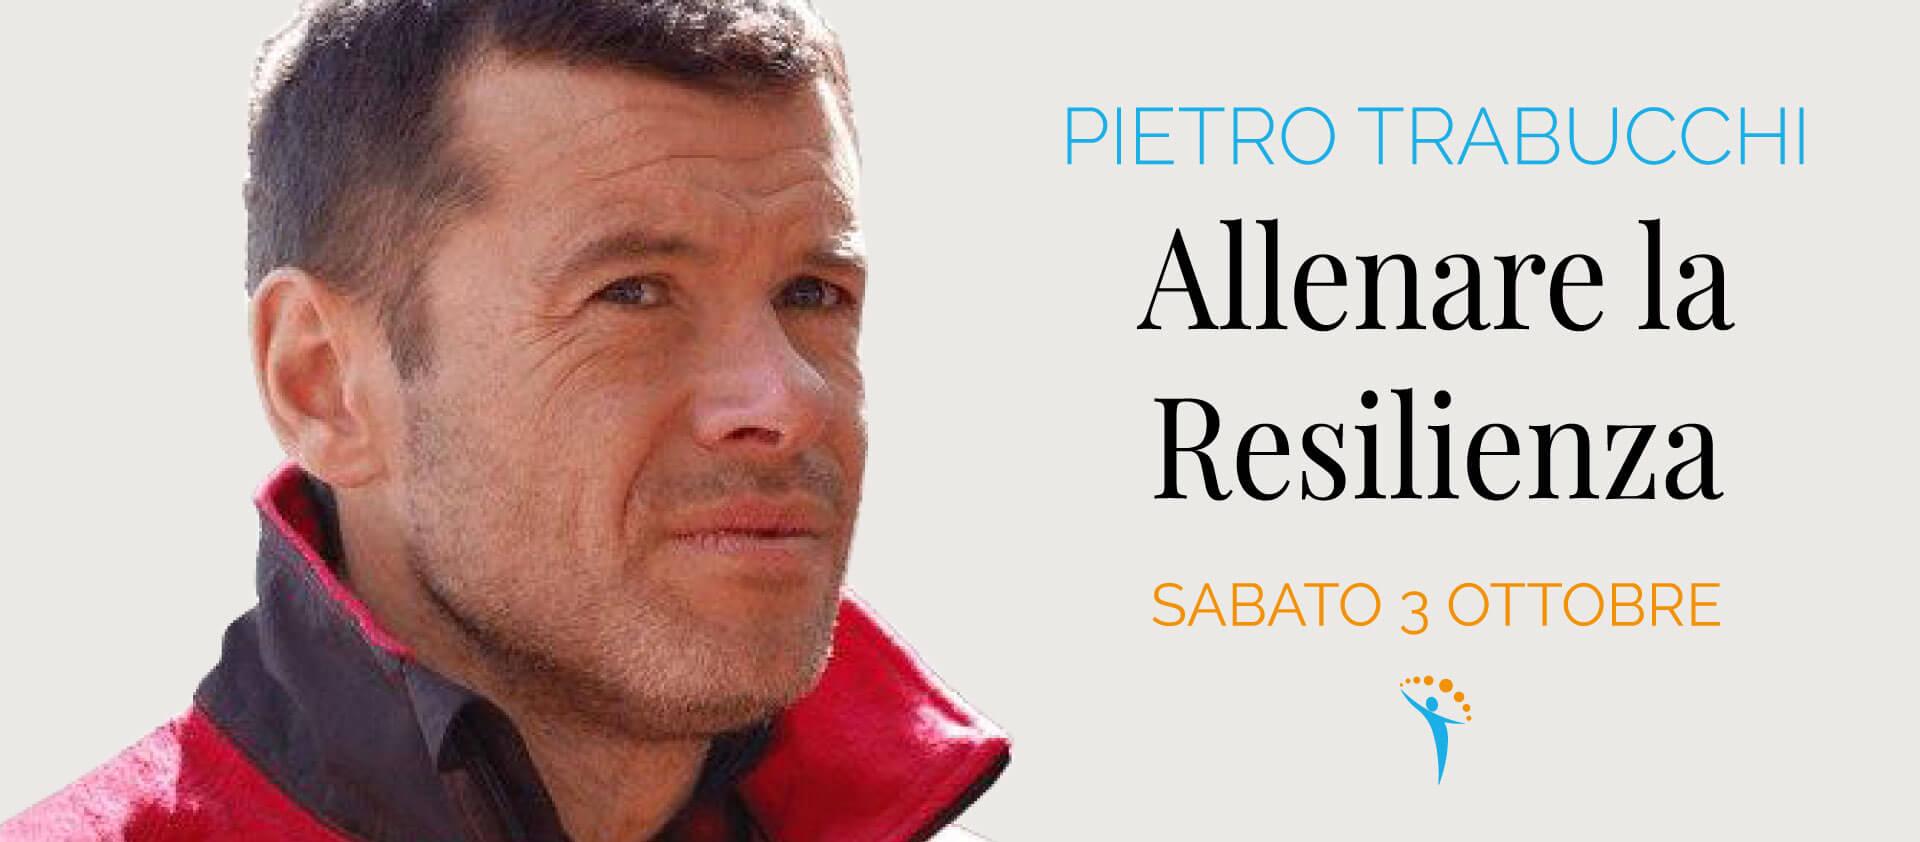 ALLENARE LA RESILIENZA - Pietro Trabucchi